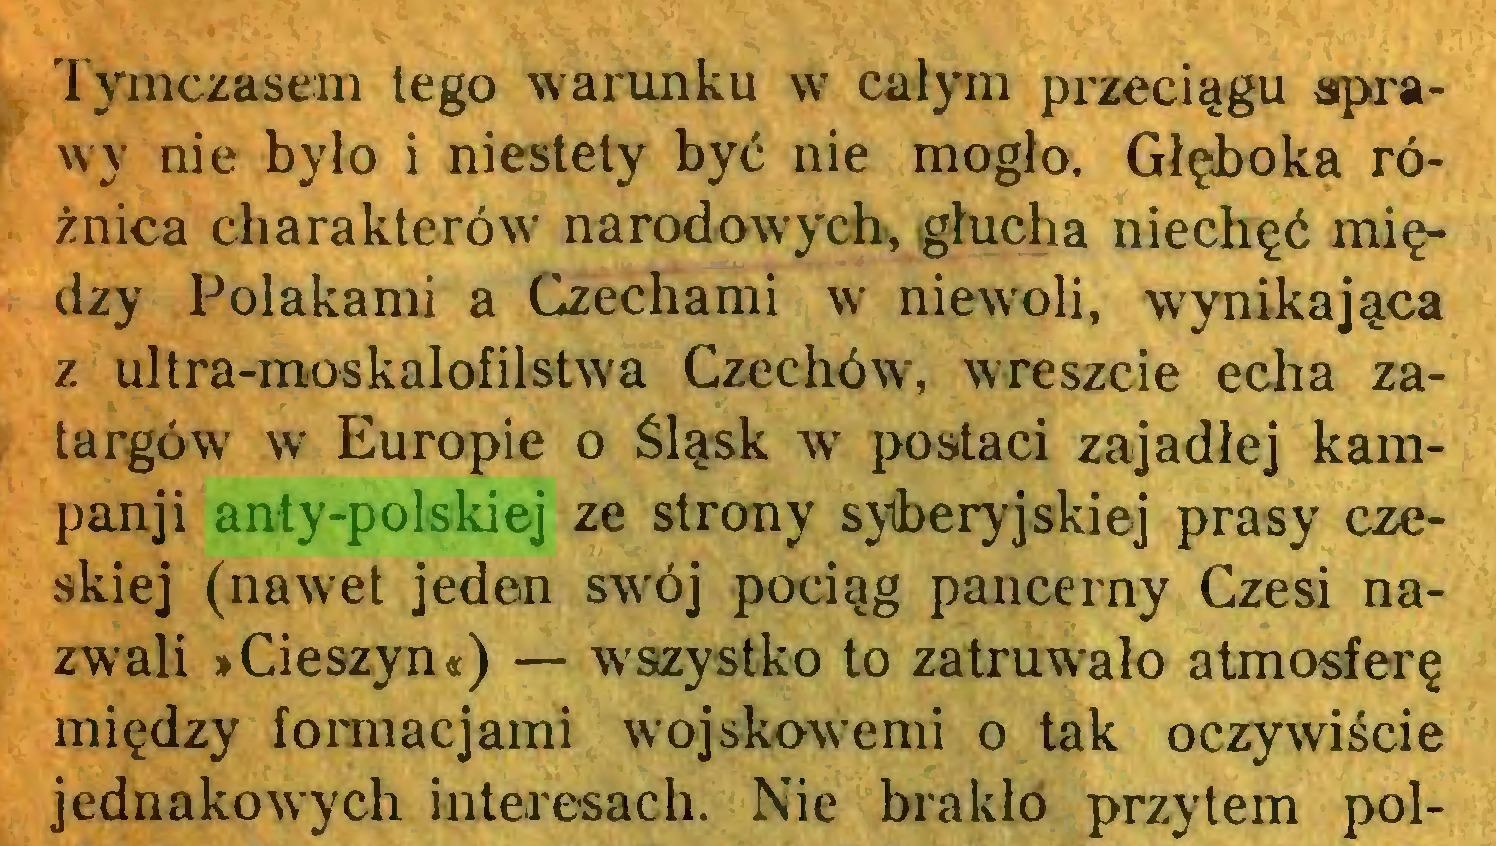 (...) Tymczasem tego warunku w całym przeciągu sprawy nie było i niestety być nie mogło. Głęboka różnica charakterów narodowych, głucha niechęć między Polakami a Czechami W' niewoli, wynikająca z ultra-moskalofilstwa Czechów, wreszcie echa zatargów w Europie o Śląsk w postaci zajadłej kampanji anty-polskiej ze strony sylberyjskiej prasy czeskiej (nawet jeden sw'ój pociąg pancerny Czesi nazwali »Cieszyn«) — wszystko to zatruwało atmosferę między formacjami wojskowymi o tak oczywiście jednakowych interesach. Nie brakło przytem pol...